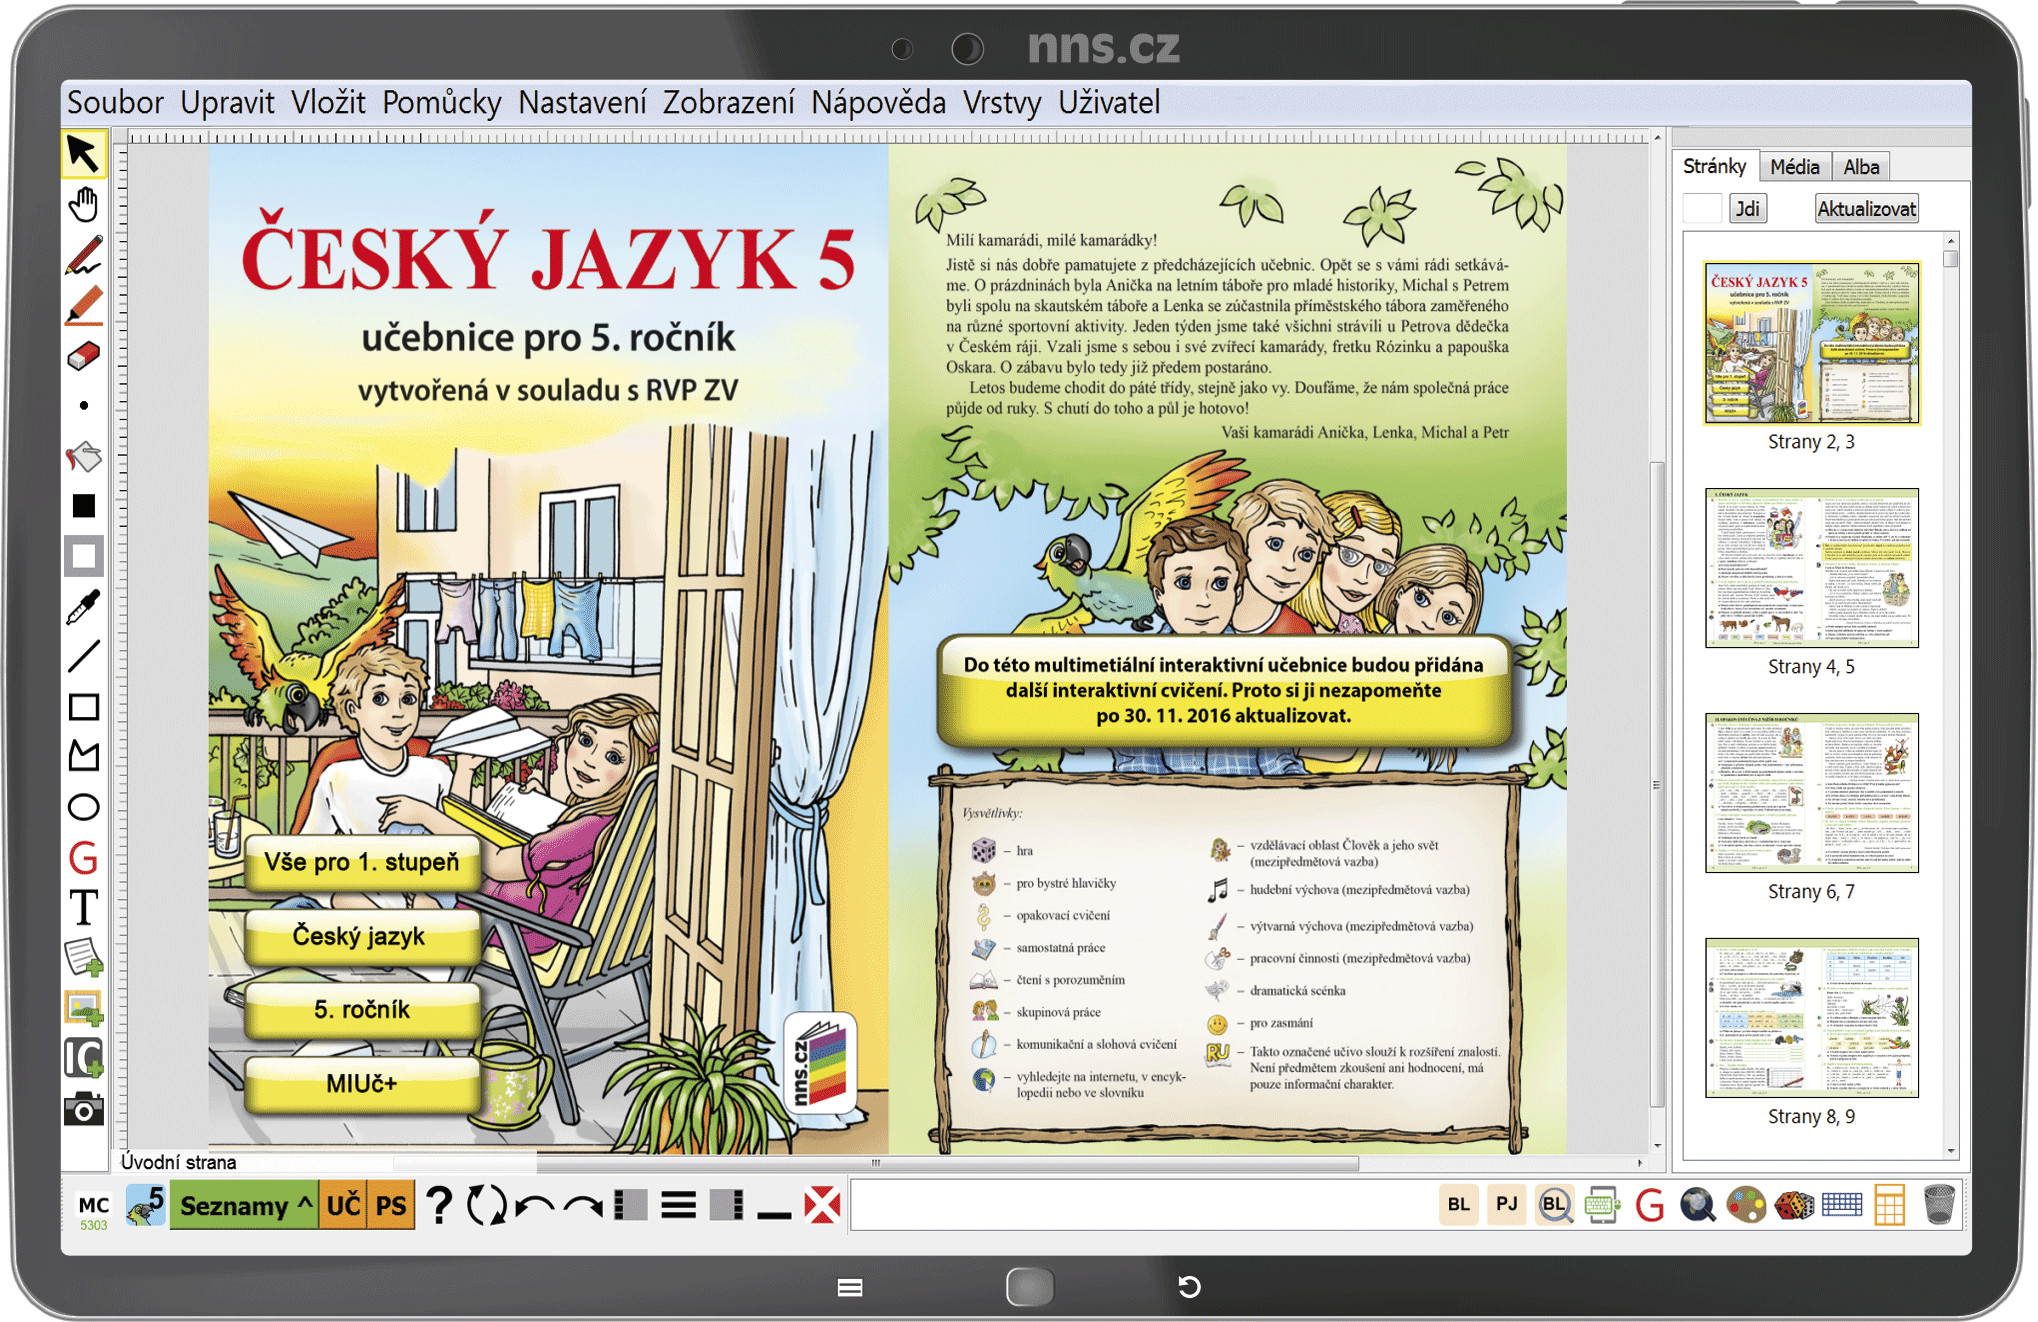 MIUč+ Český jazyk 5 – školní licence pro 1 učitele na 1 školní rok